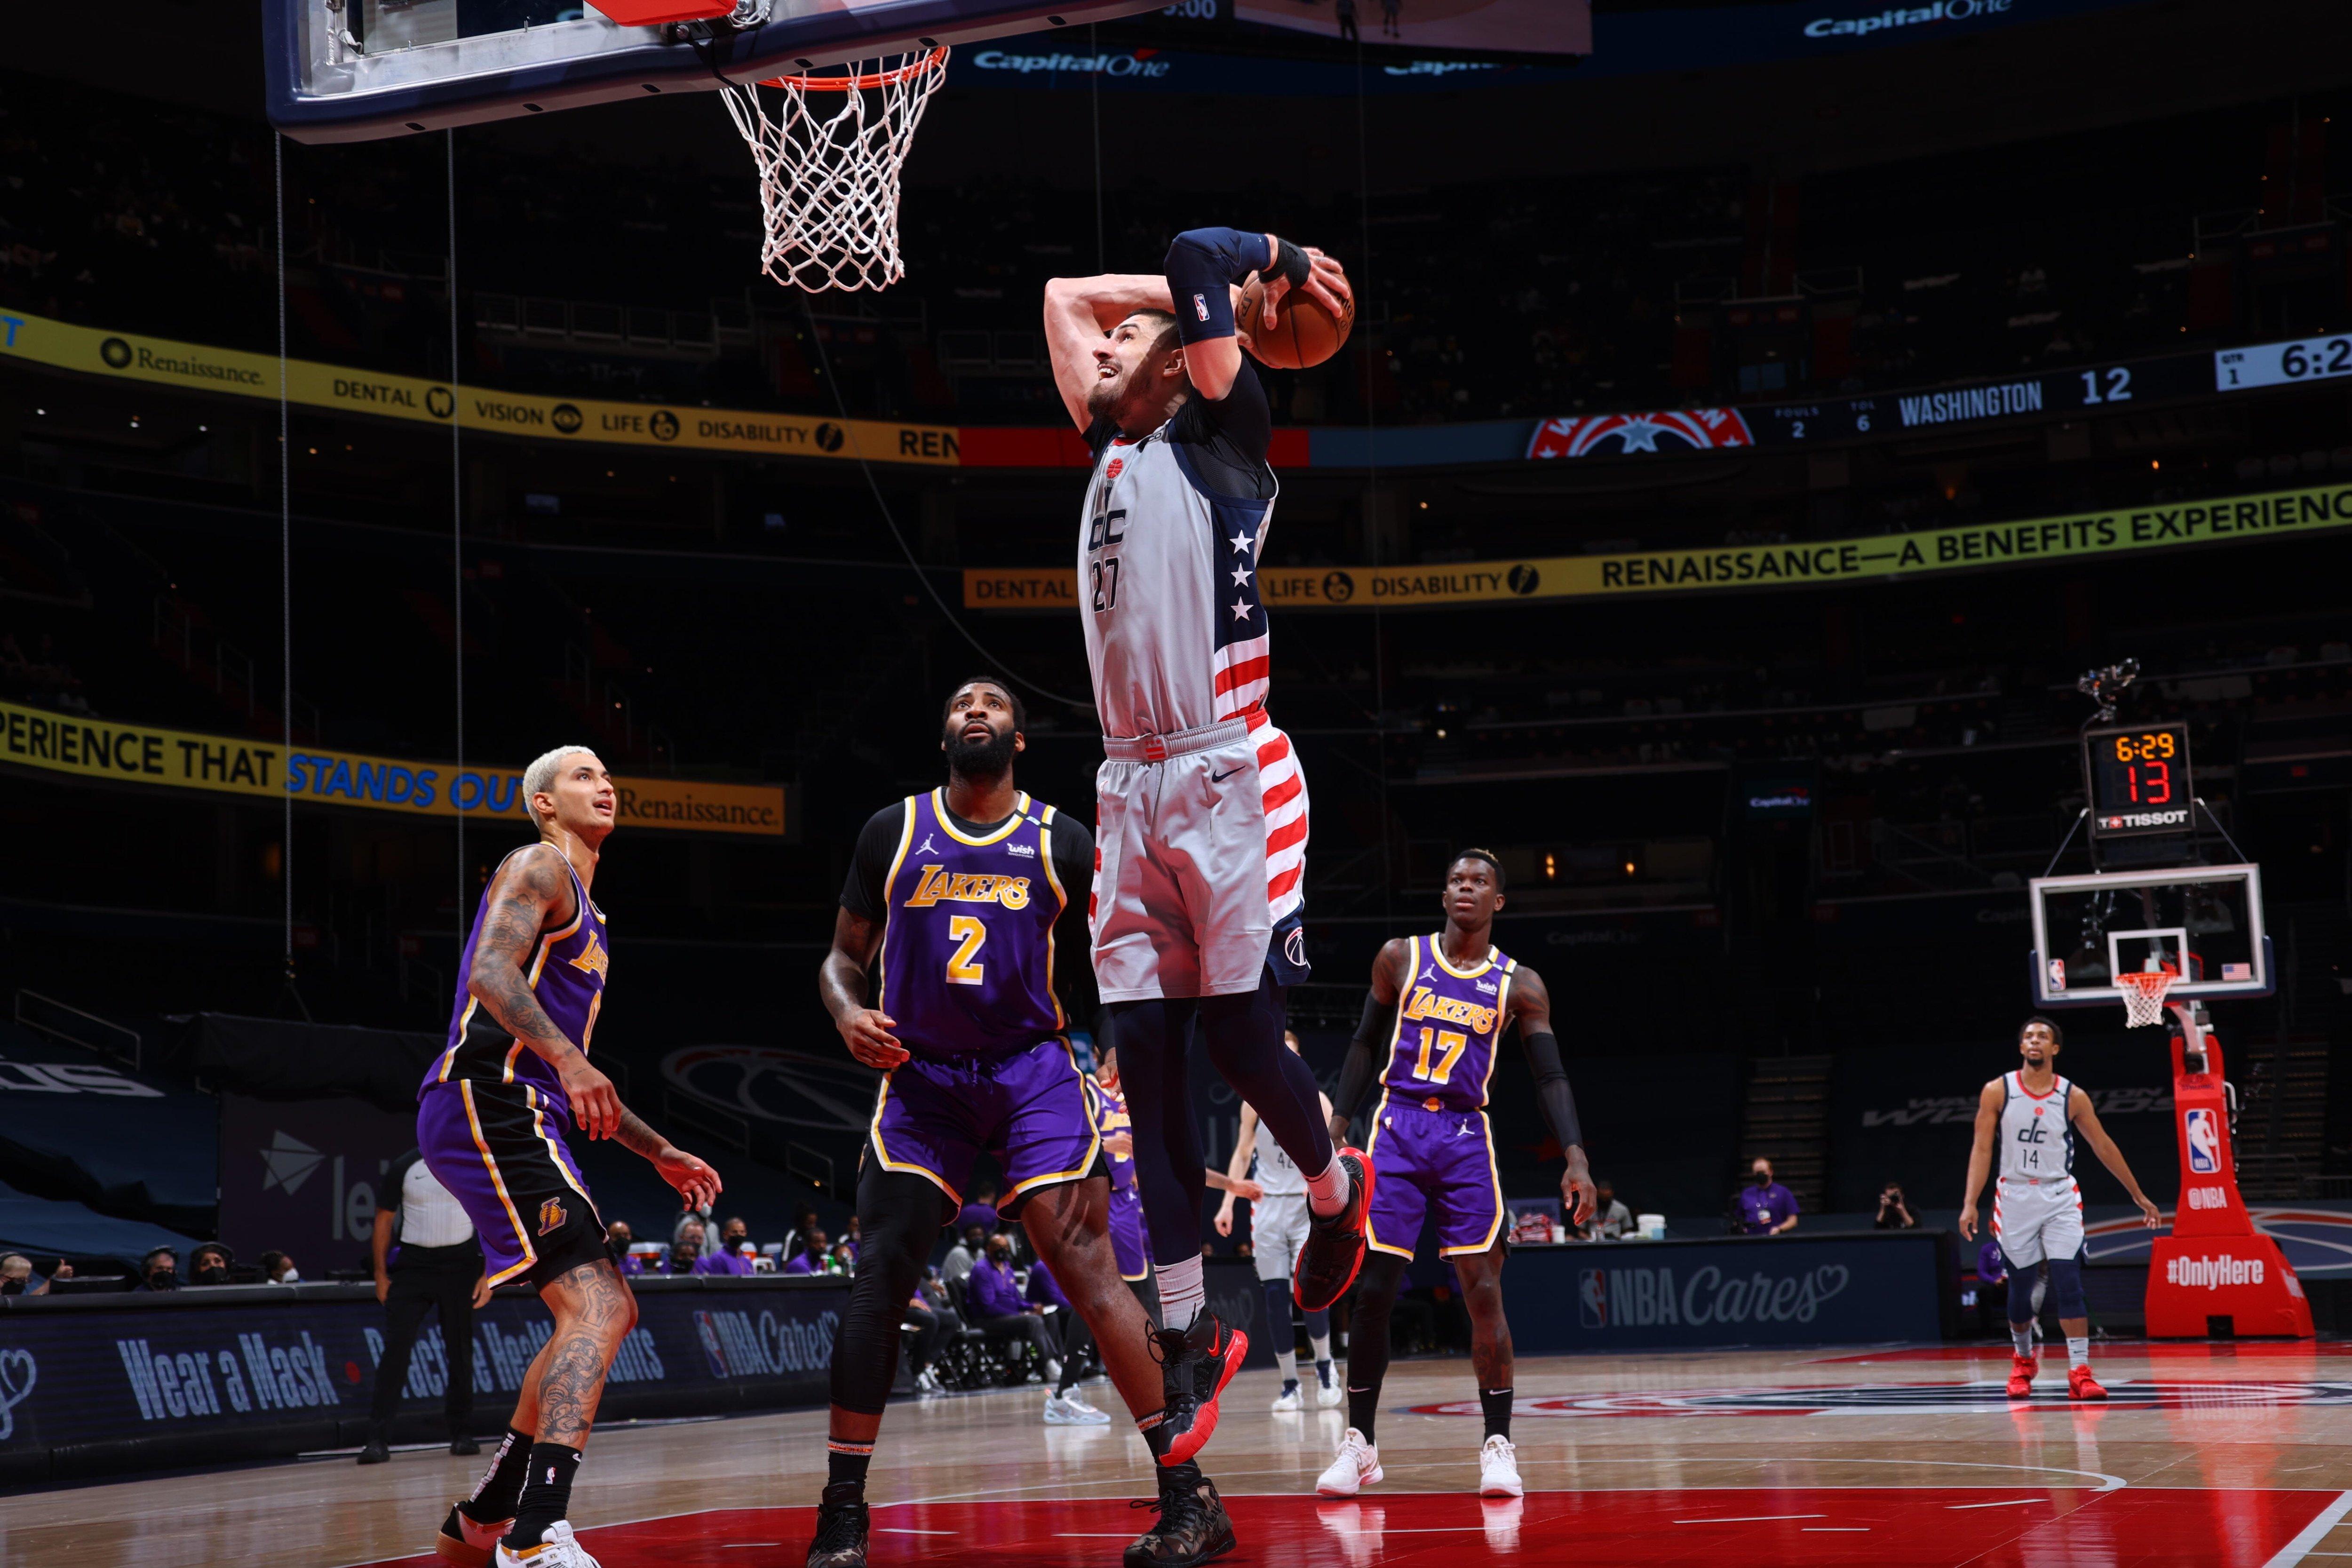 Олексій Лень набрав 18 очок та допоміг Вашингтону перемогти чемпіона НБА